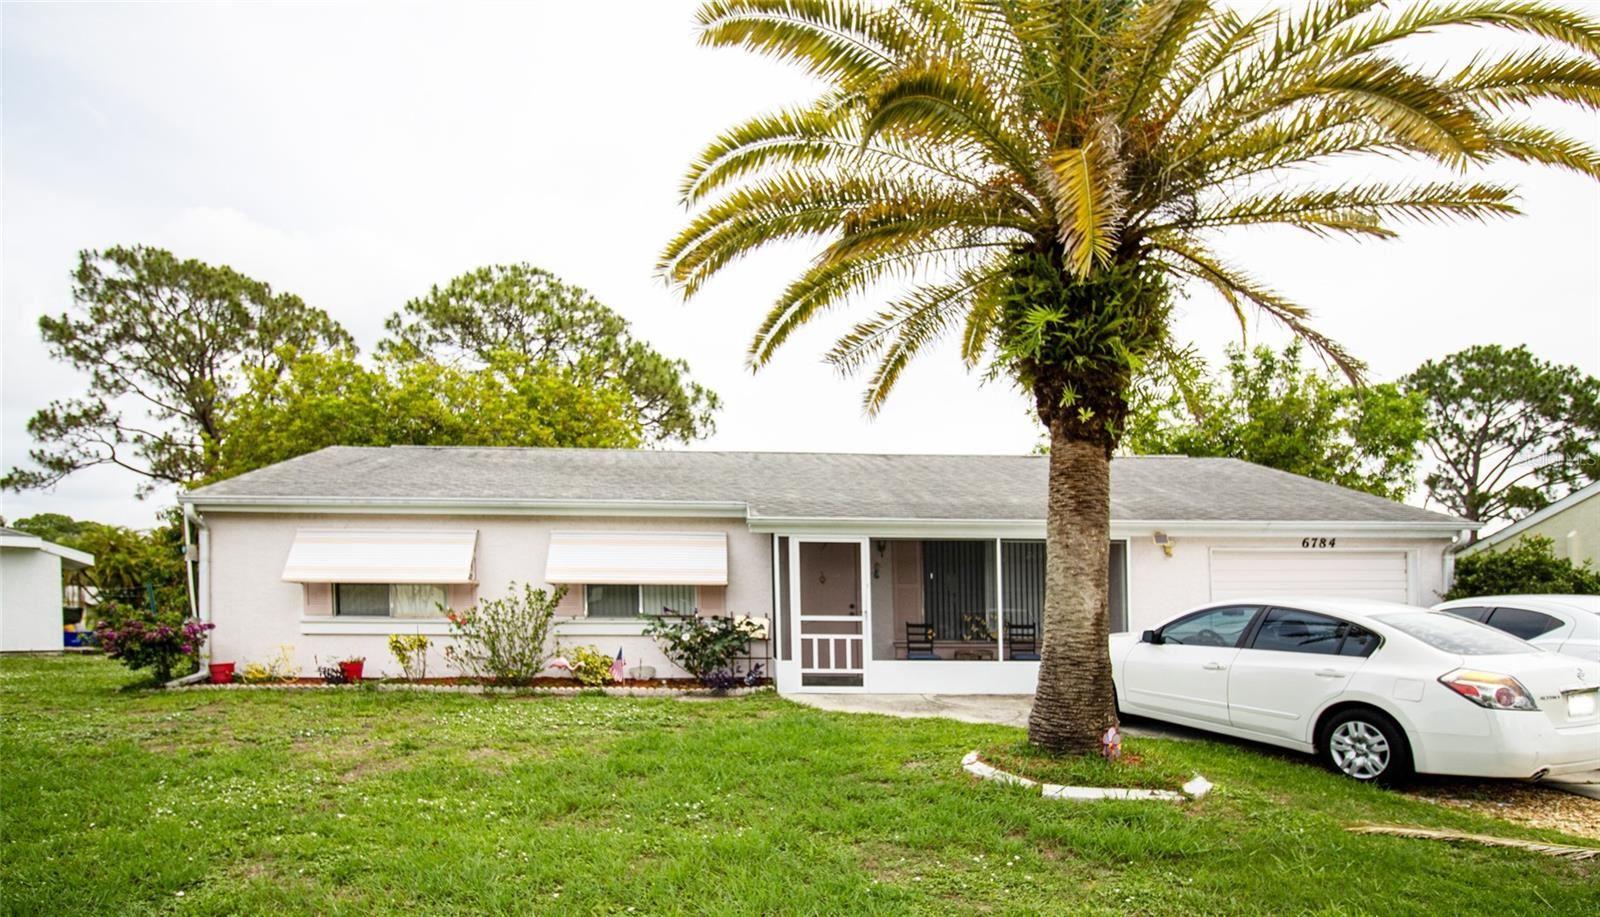 6784 STARDUST AVENUE, North Port, FL 34287 - #: D6119630